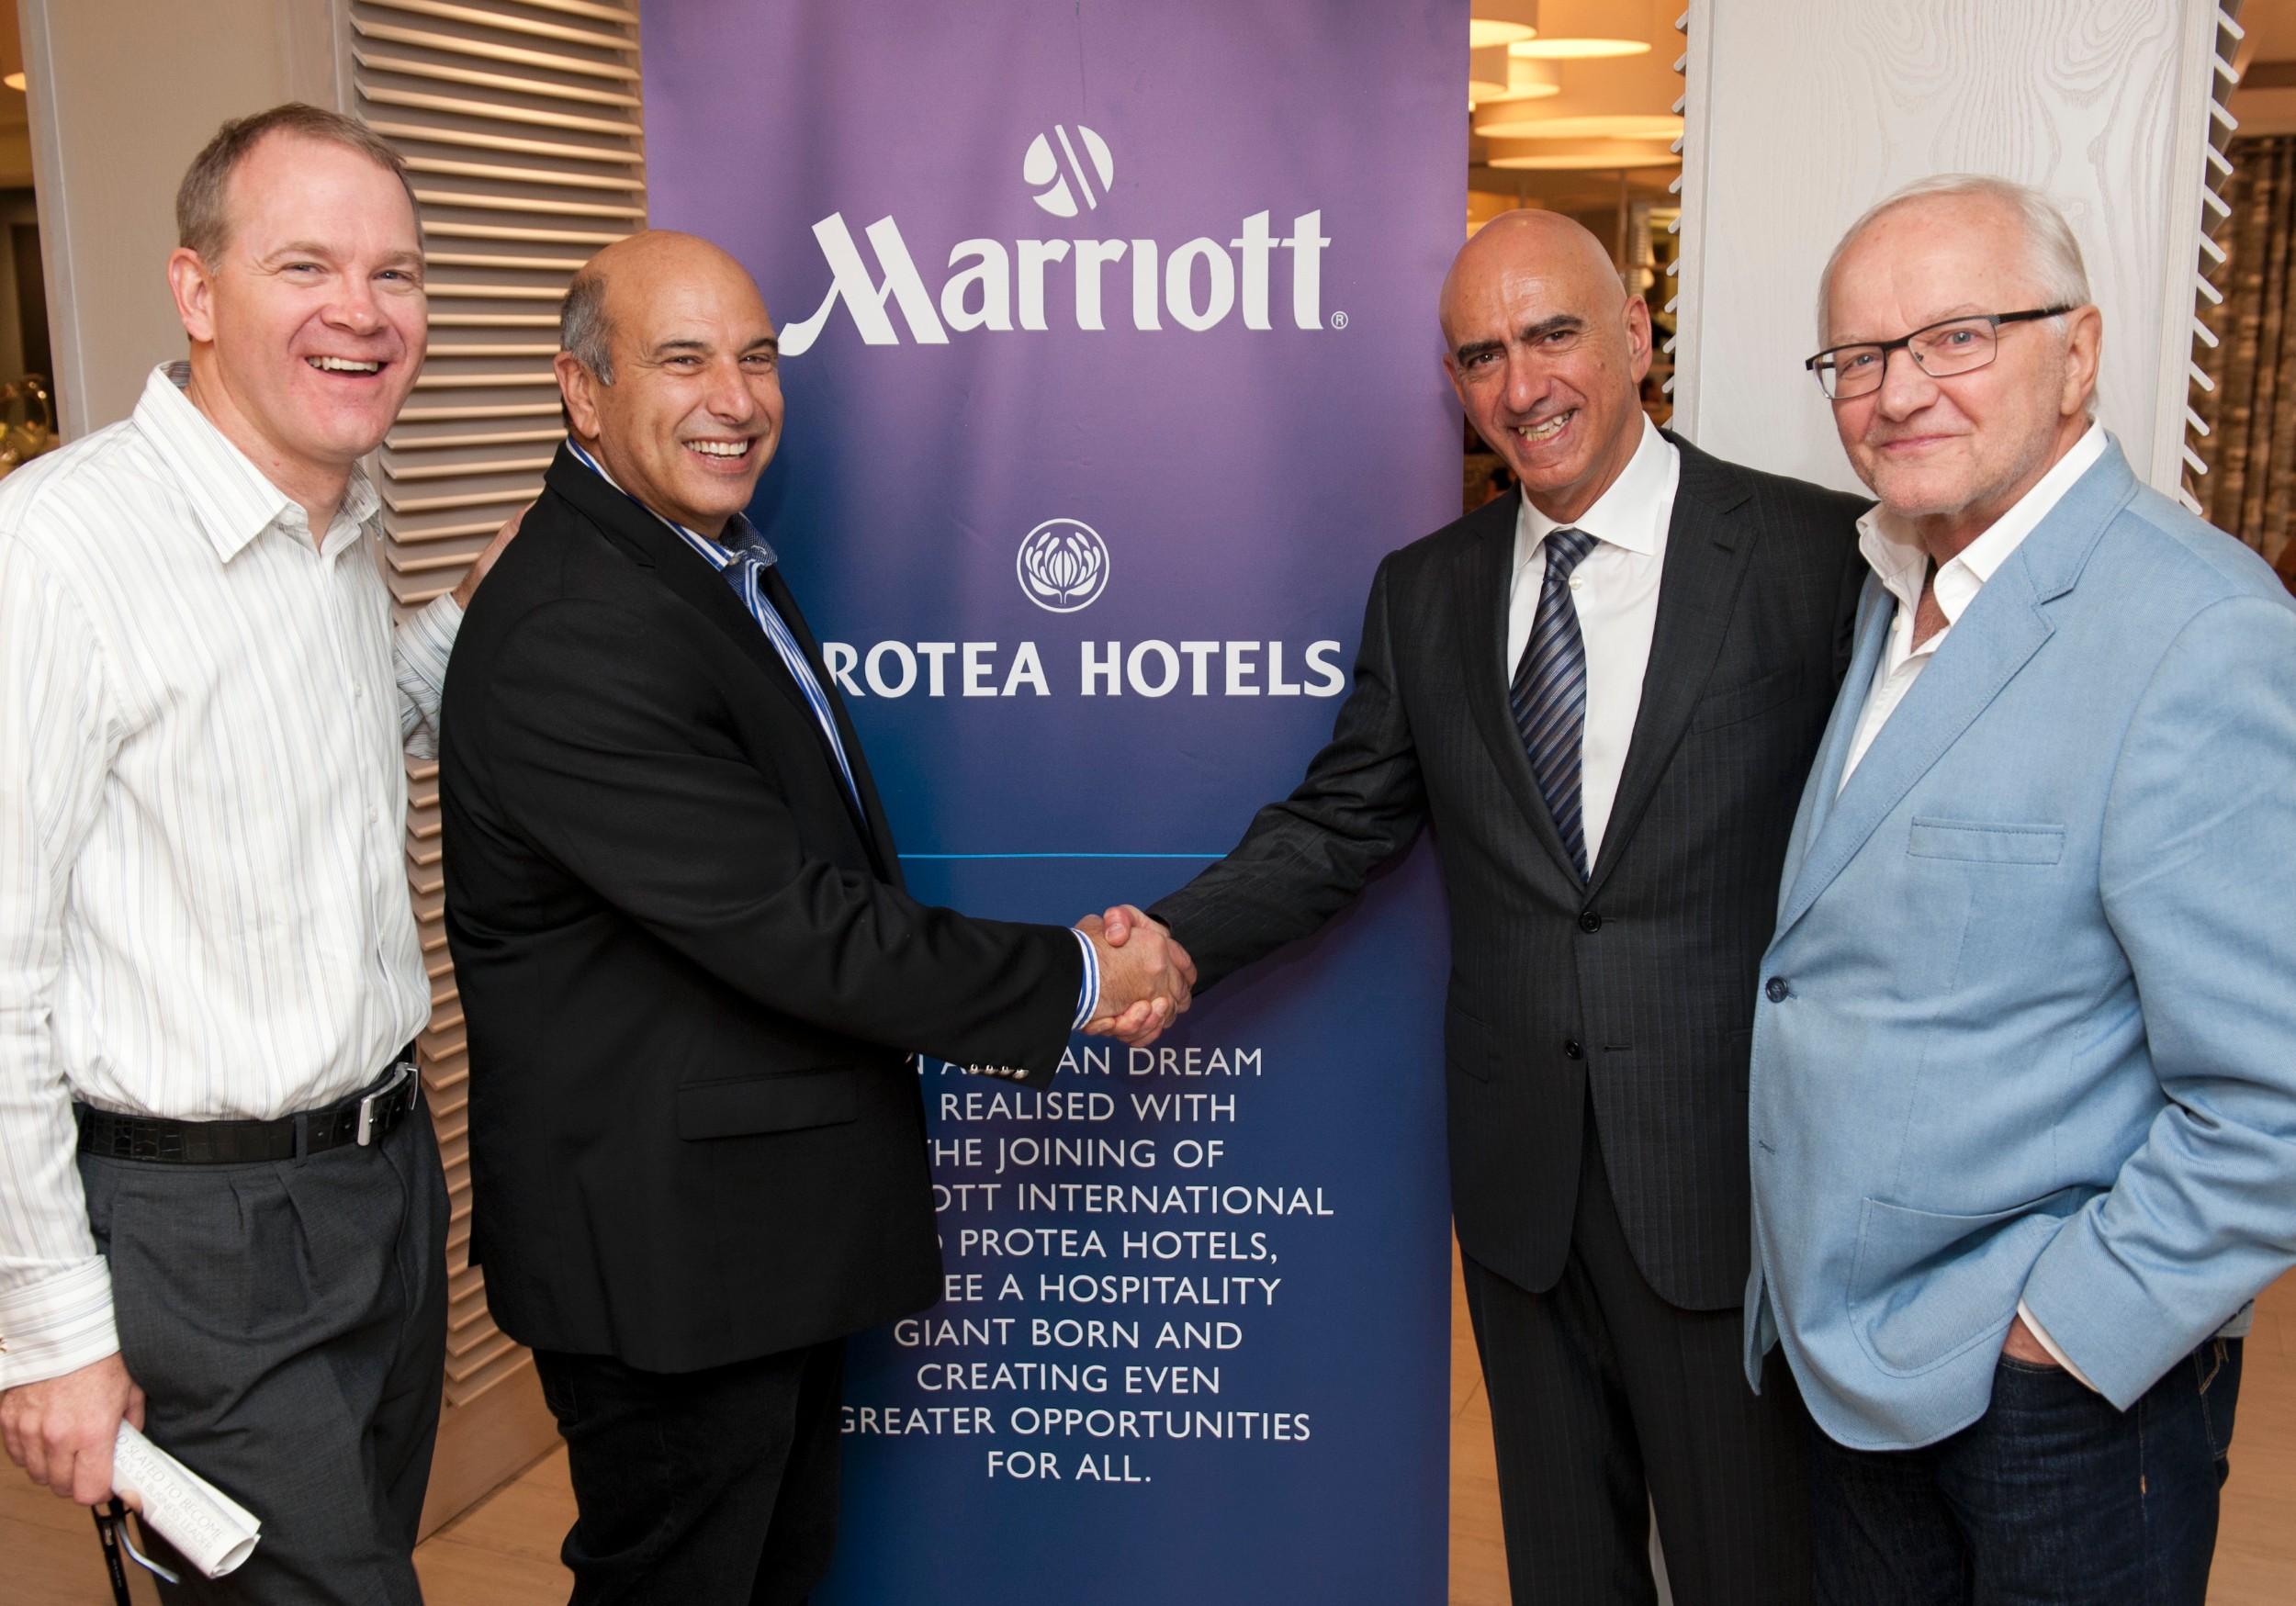 Marriott International a finalisé l'acquisition de Protea Hospitality Group le 1er avril 2014 - Photo DR